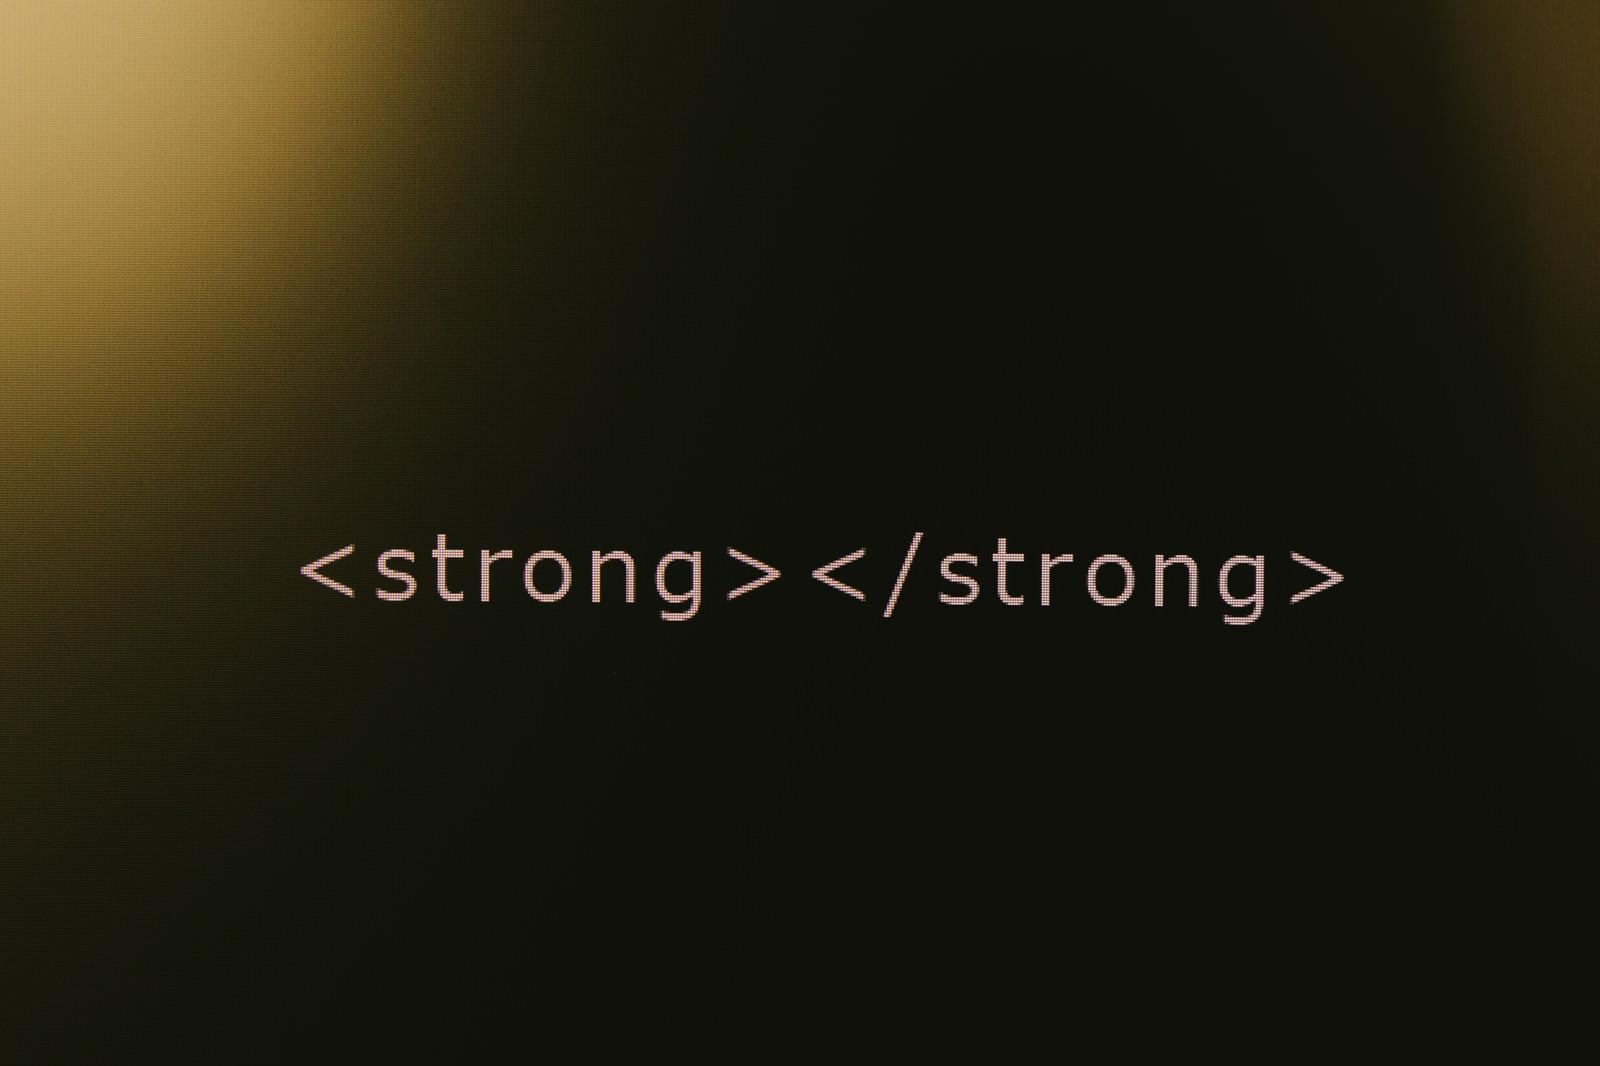 「ストロング無しストロング無し」のフリー写真素材を拡大